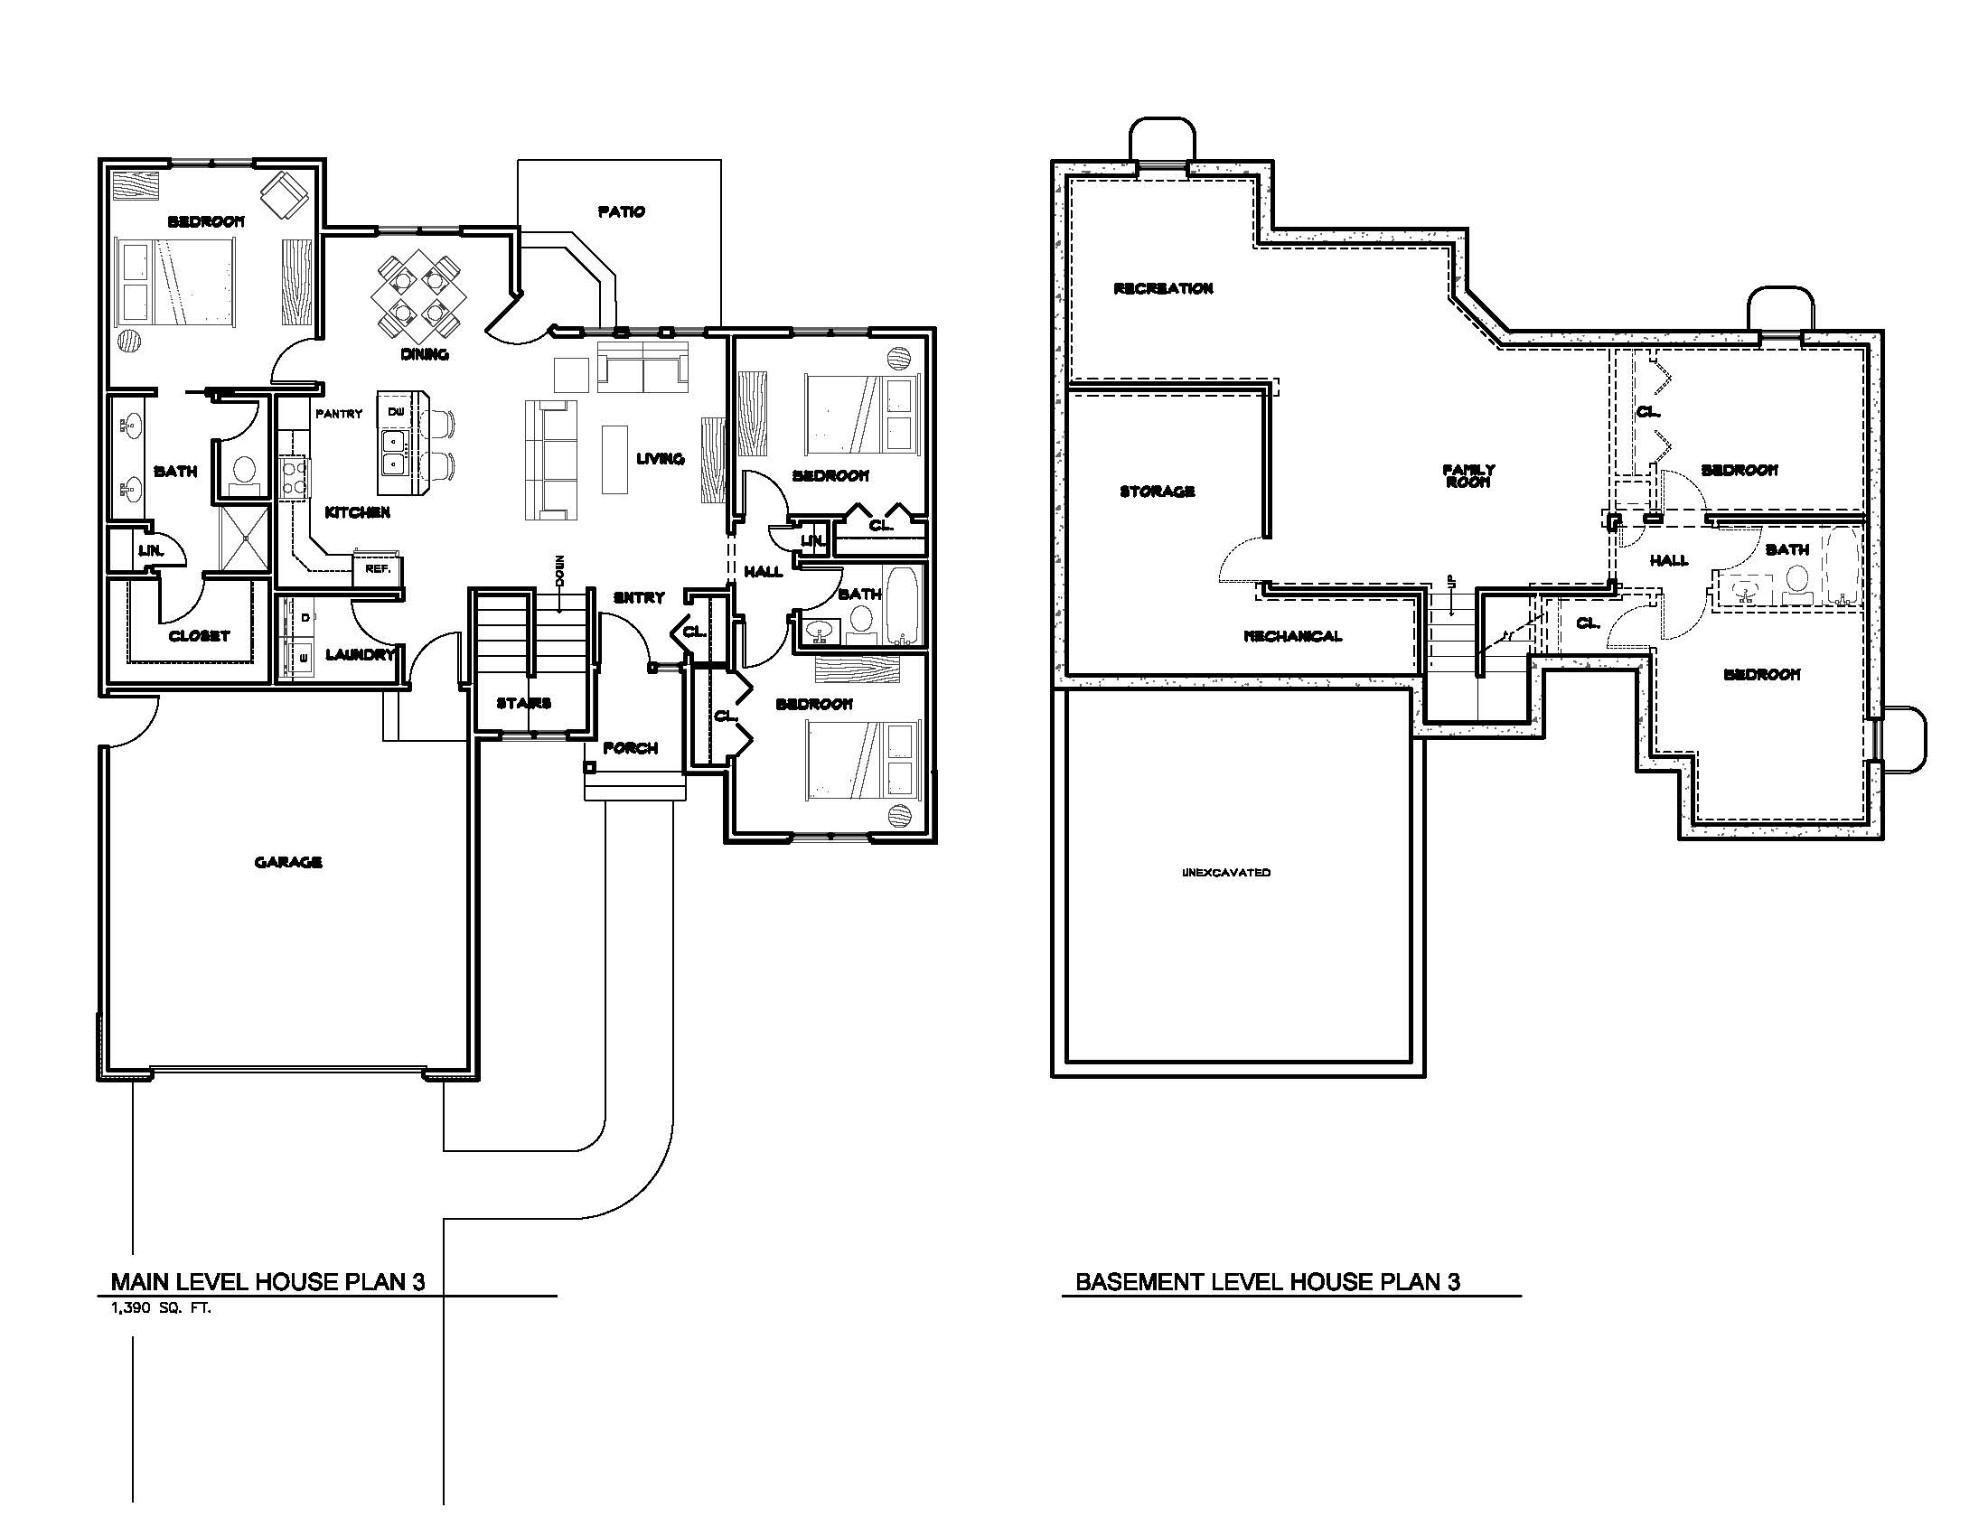 https://0201.nccdn.net/1_2/000/000/199/35e/house-plan-3.jpg